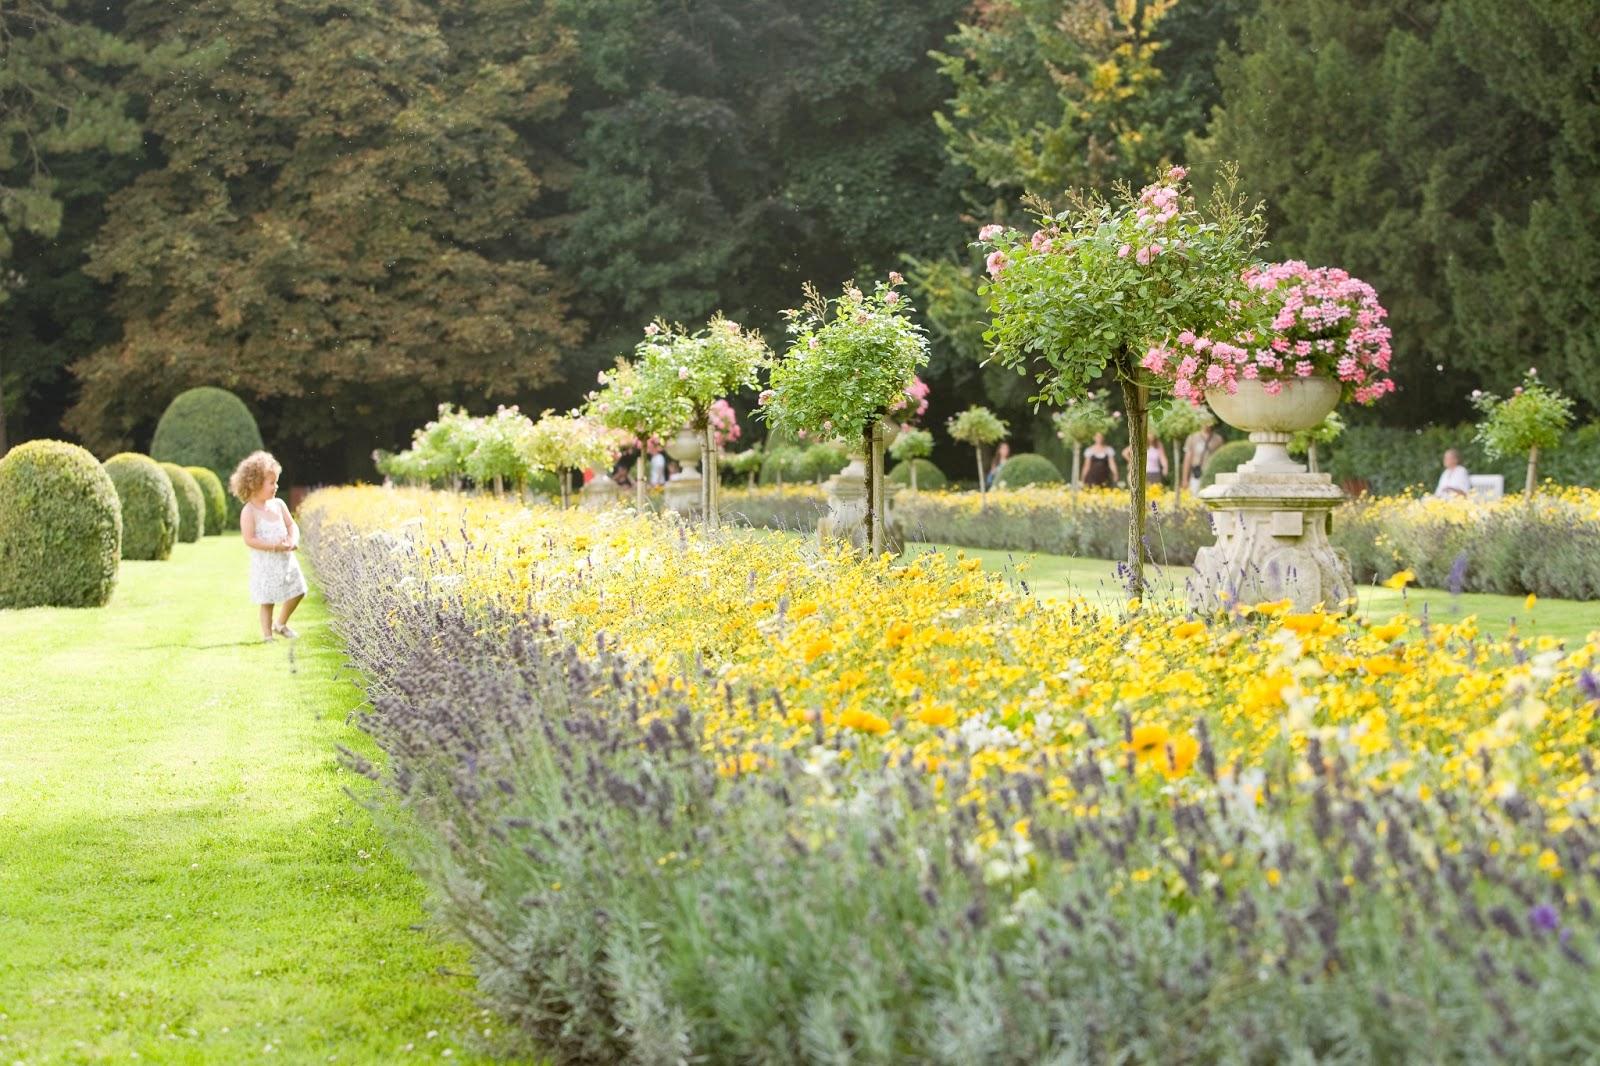 D couvrez la touraine v ritable jardin de la france for Jardin veritable